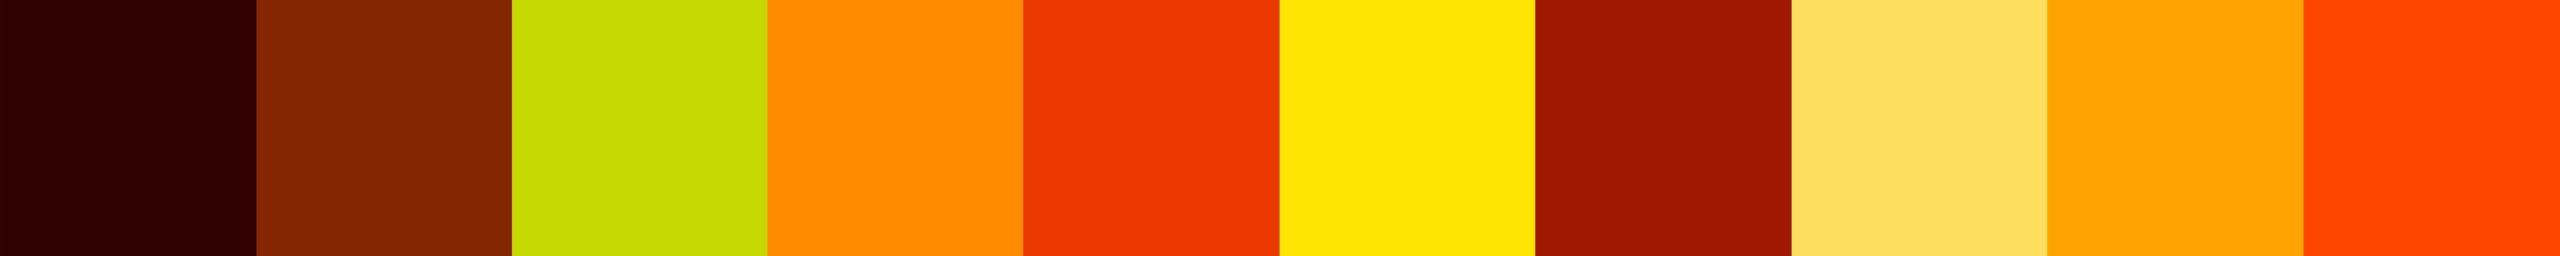 236 Vedregora Color Palette